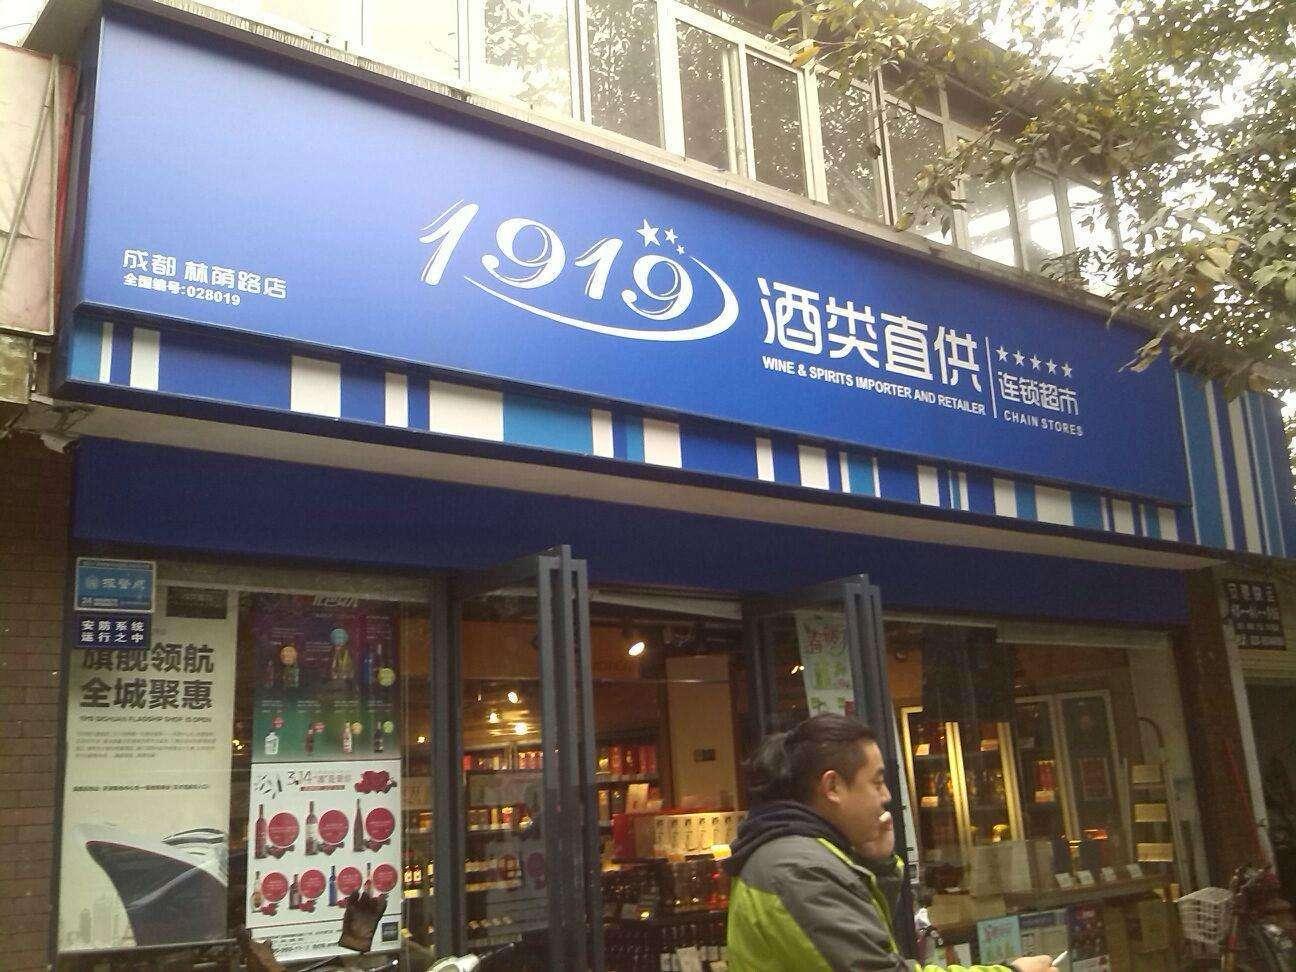 一季度净利607万元 1919转型酒类新零售服务商